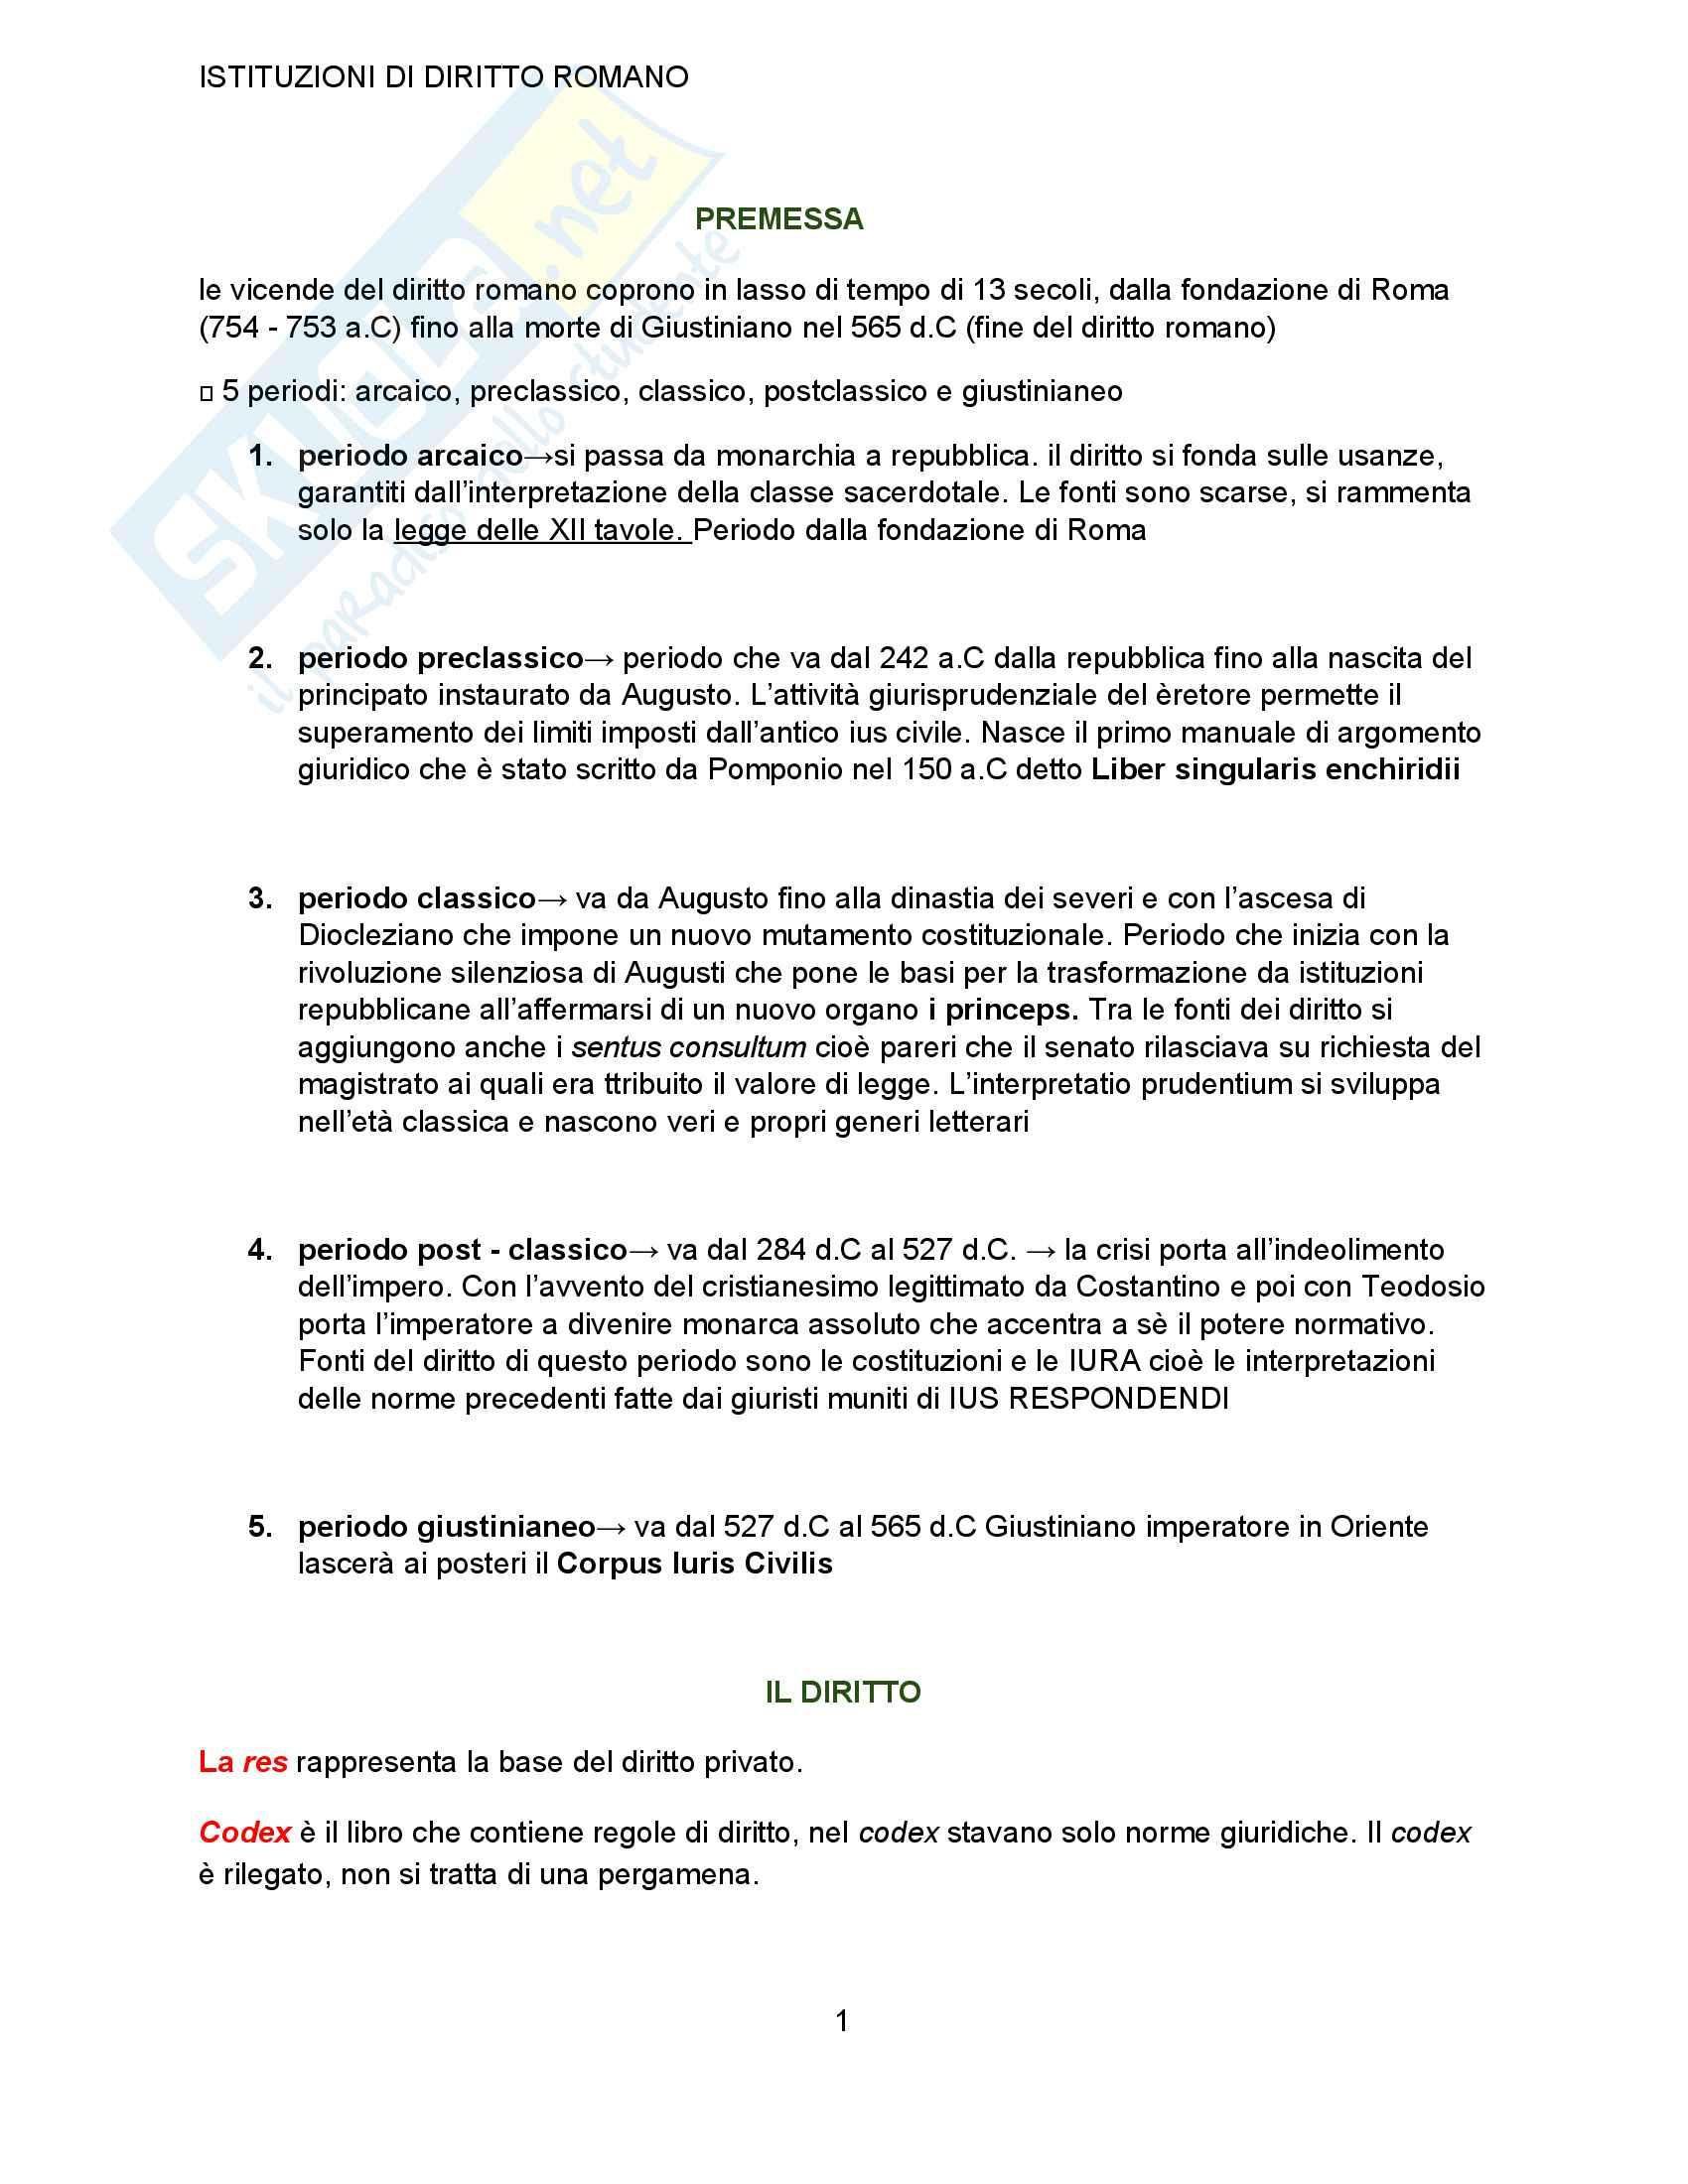 appunto A. Bellodi Istituzioni di diritto romano